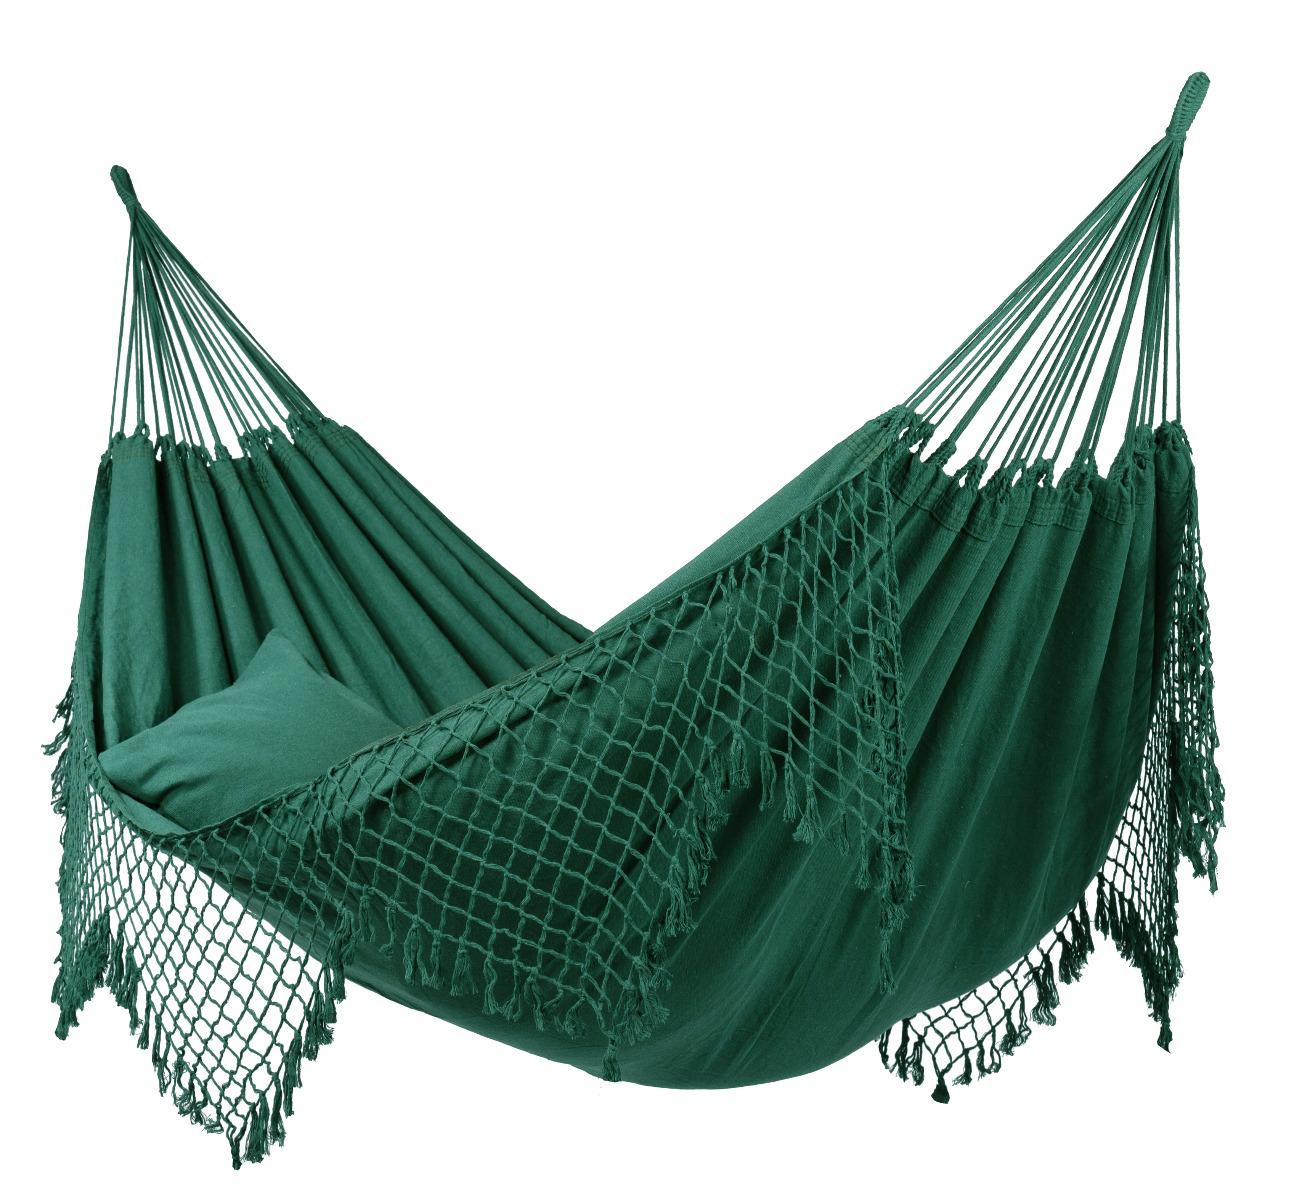 Hangmat 'Fine' Green - Tropilex �